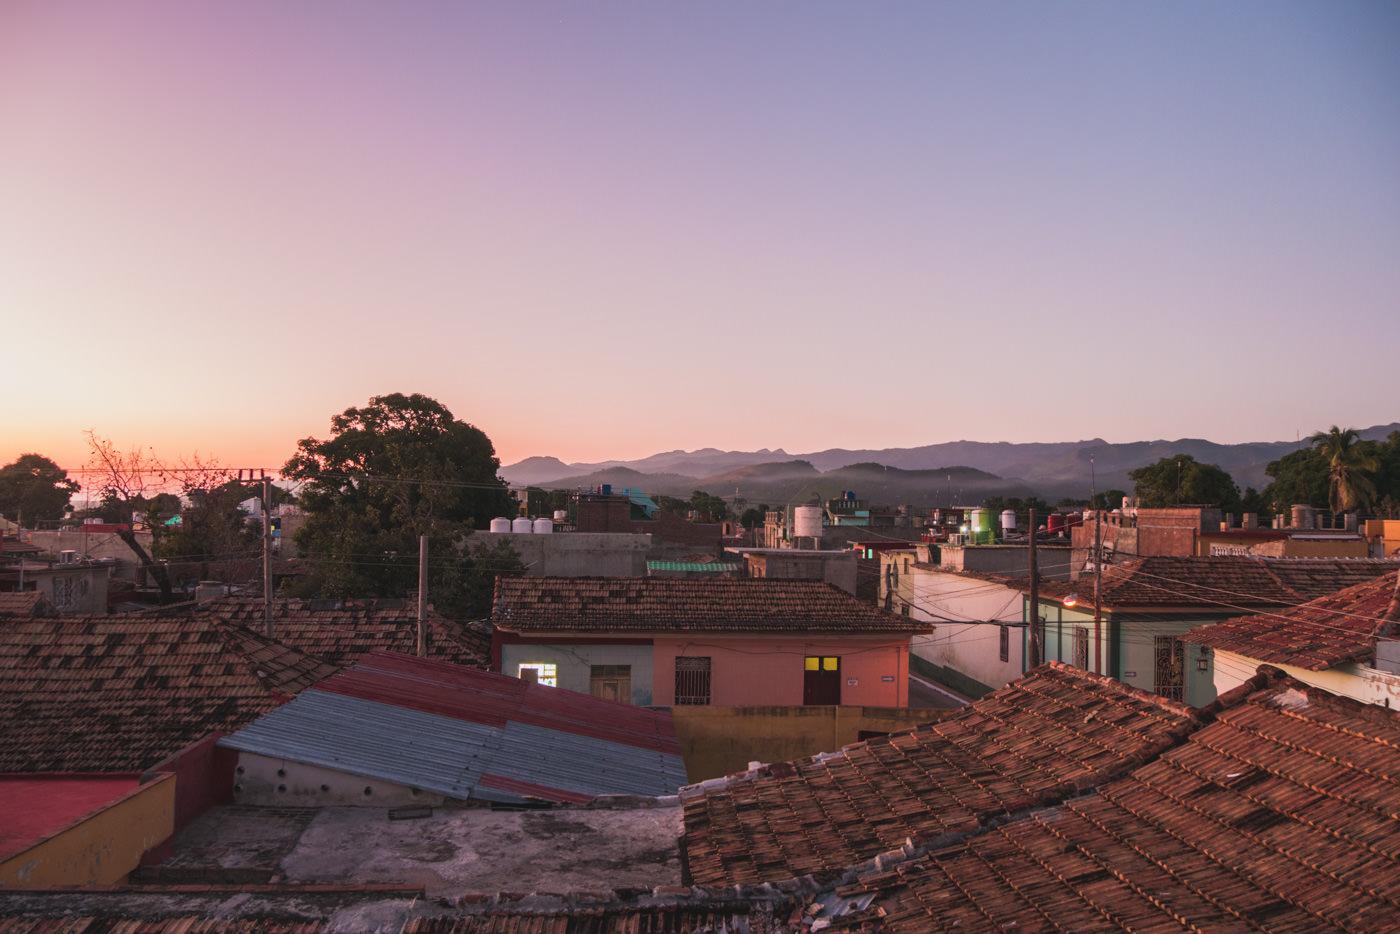 Sonnenuntergang über den Dächern Trinidad's